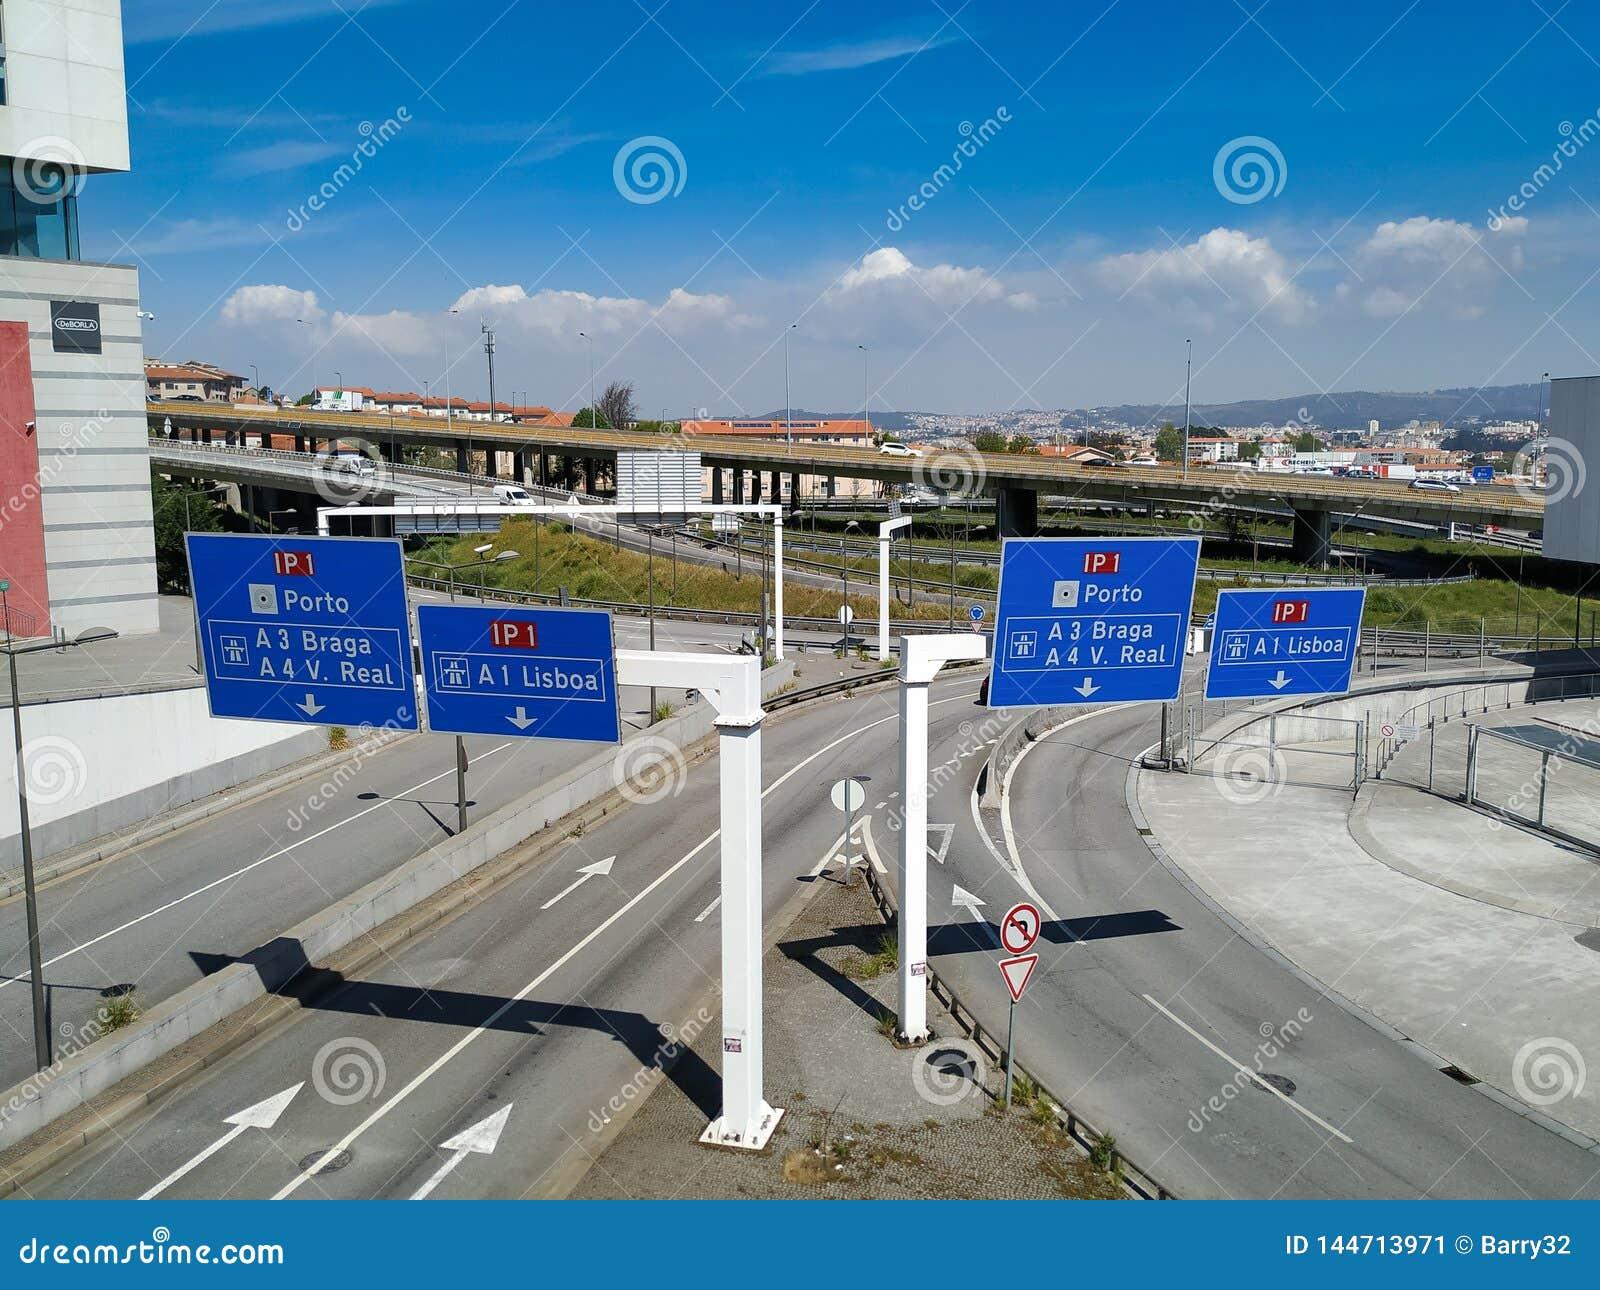 Είσοδος στον κύριο αυτοκινητόδρομο IP1 στην Πορτογαλία, η οποία συνδέει